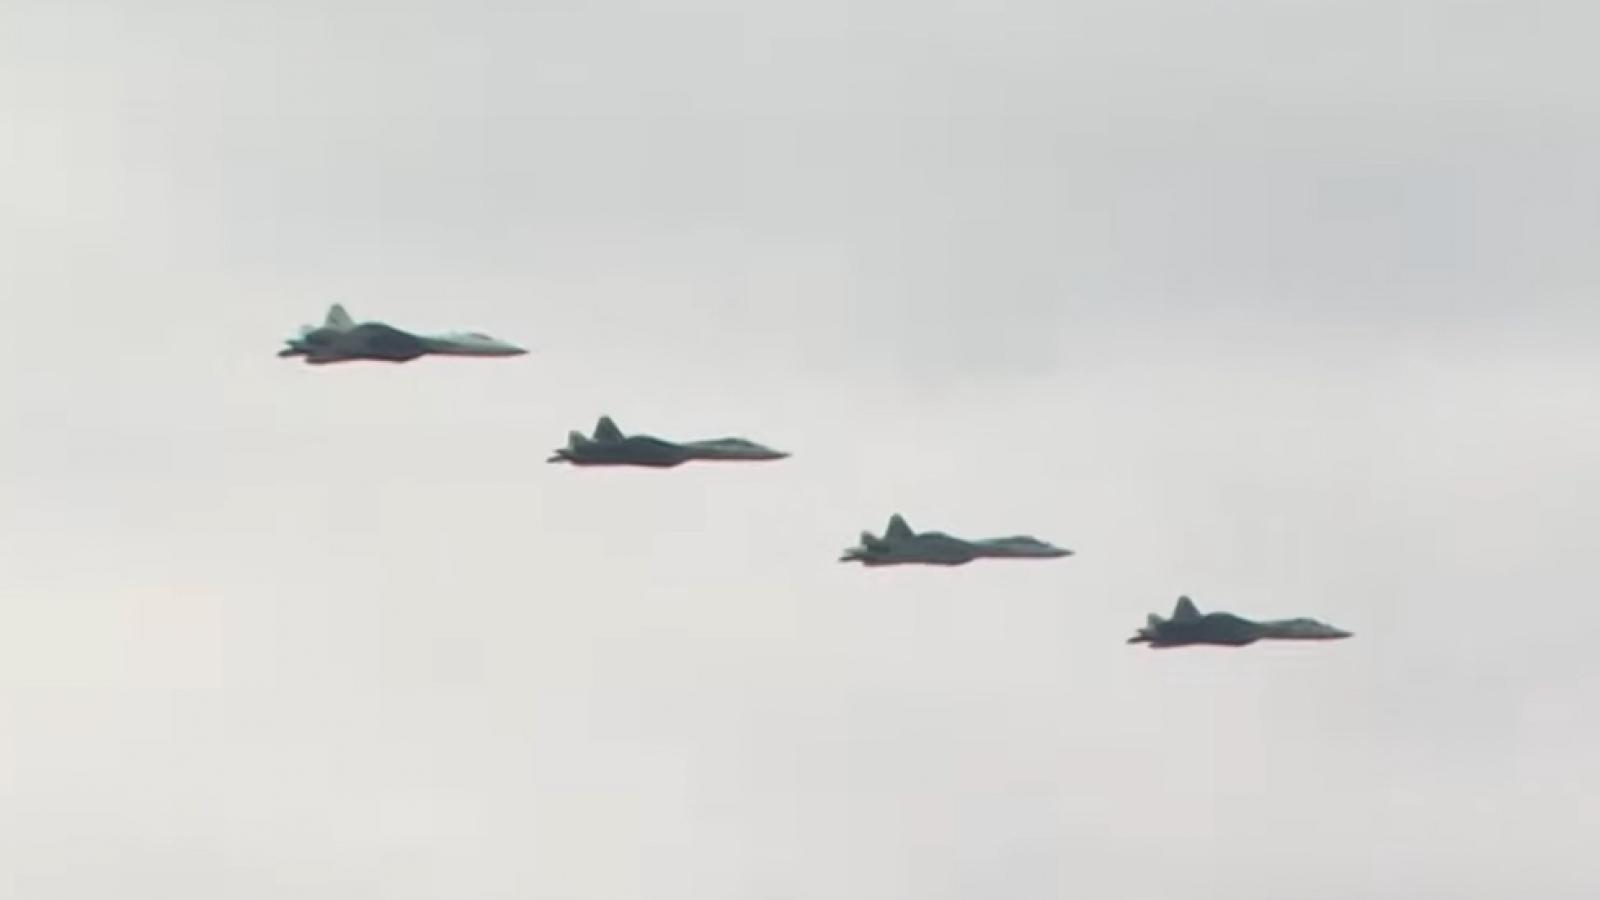 Su-57 tham gia diễn tập chuẩn bị cho lễ kỷ niệm Ngày Chiến thắng 9/5